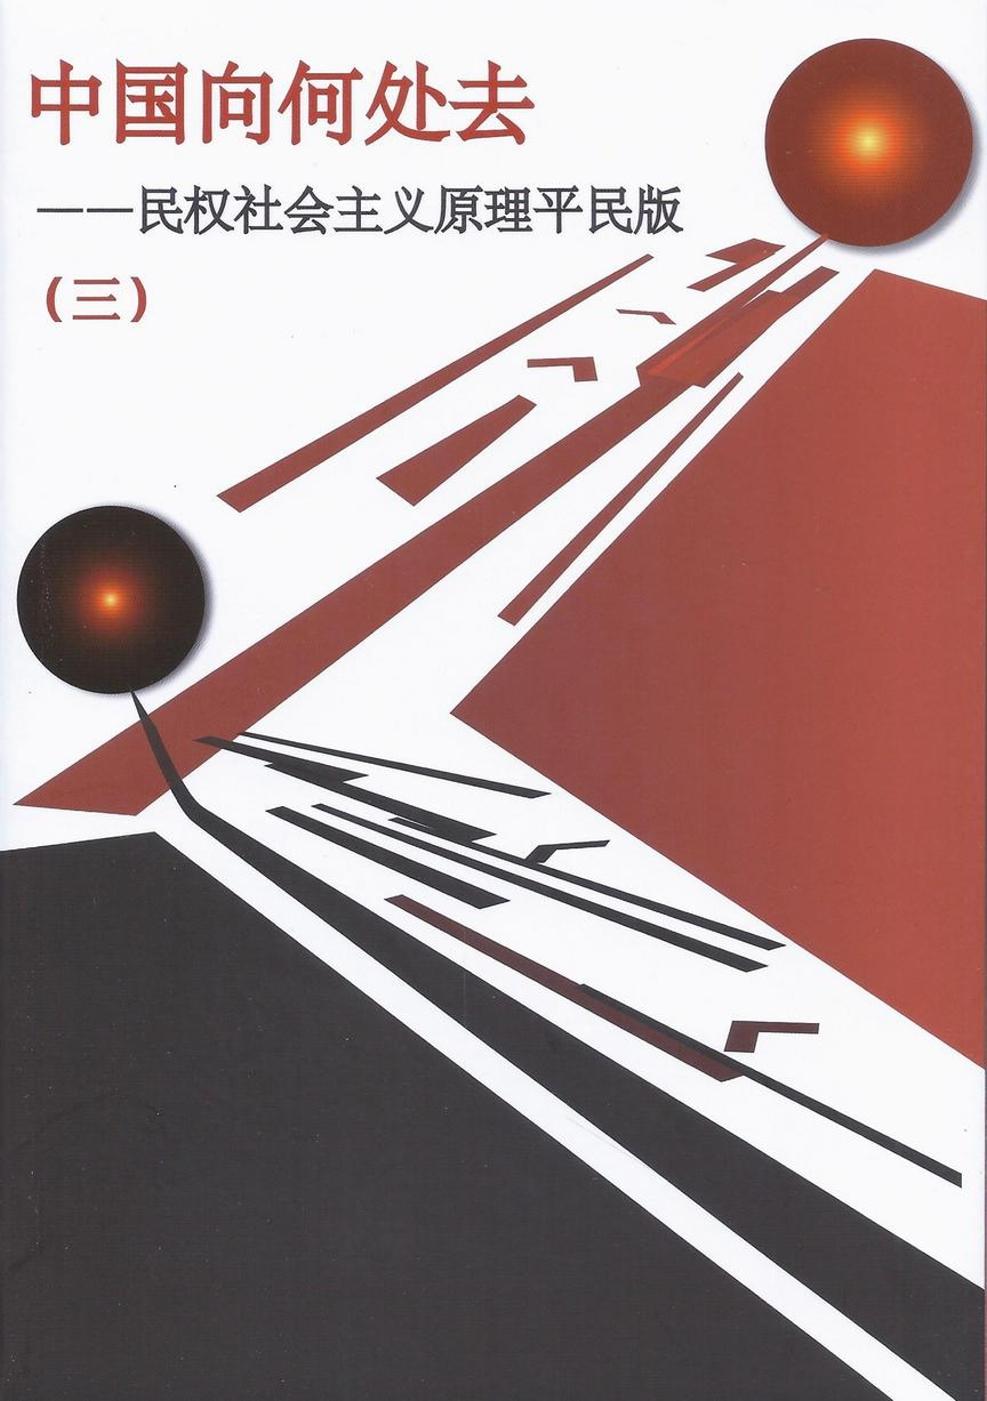 中國何處去第3冊﹝簡體字版﹞:民權社會主義原理平民版